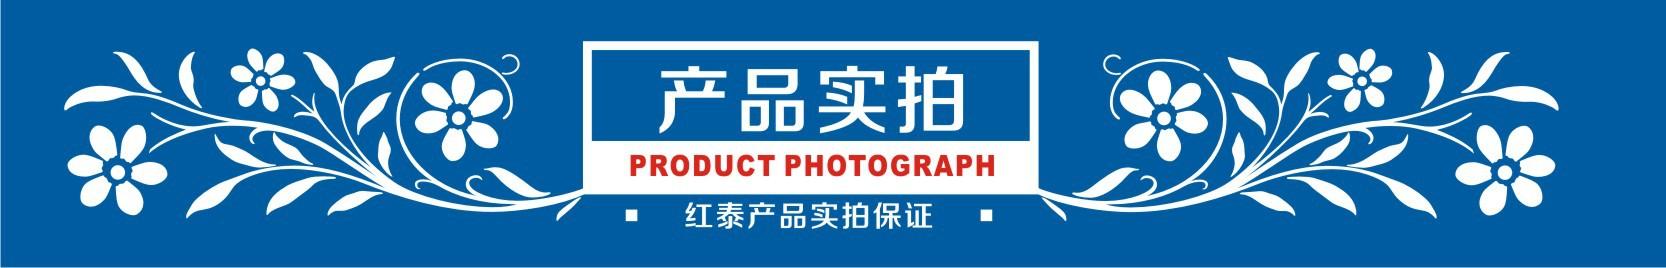 广东佛山南海厂家直销商用全自动超声波洗碗机,可按需定做示例图4